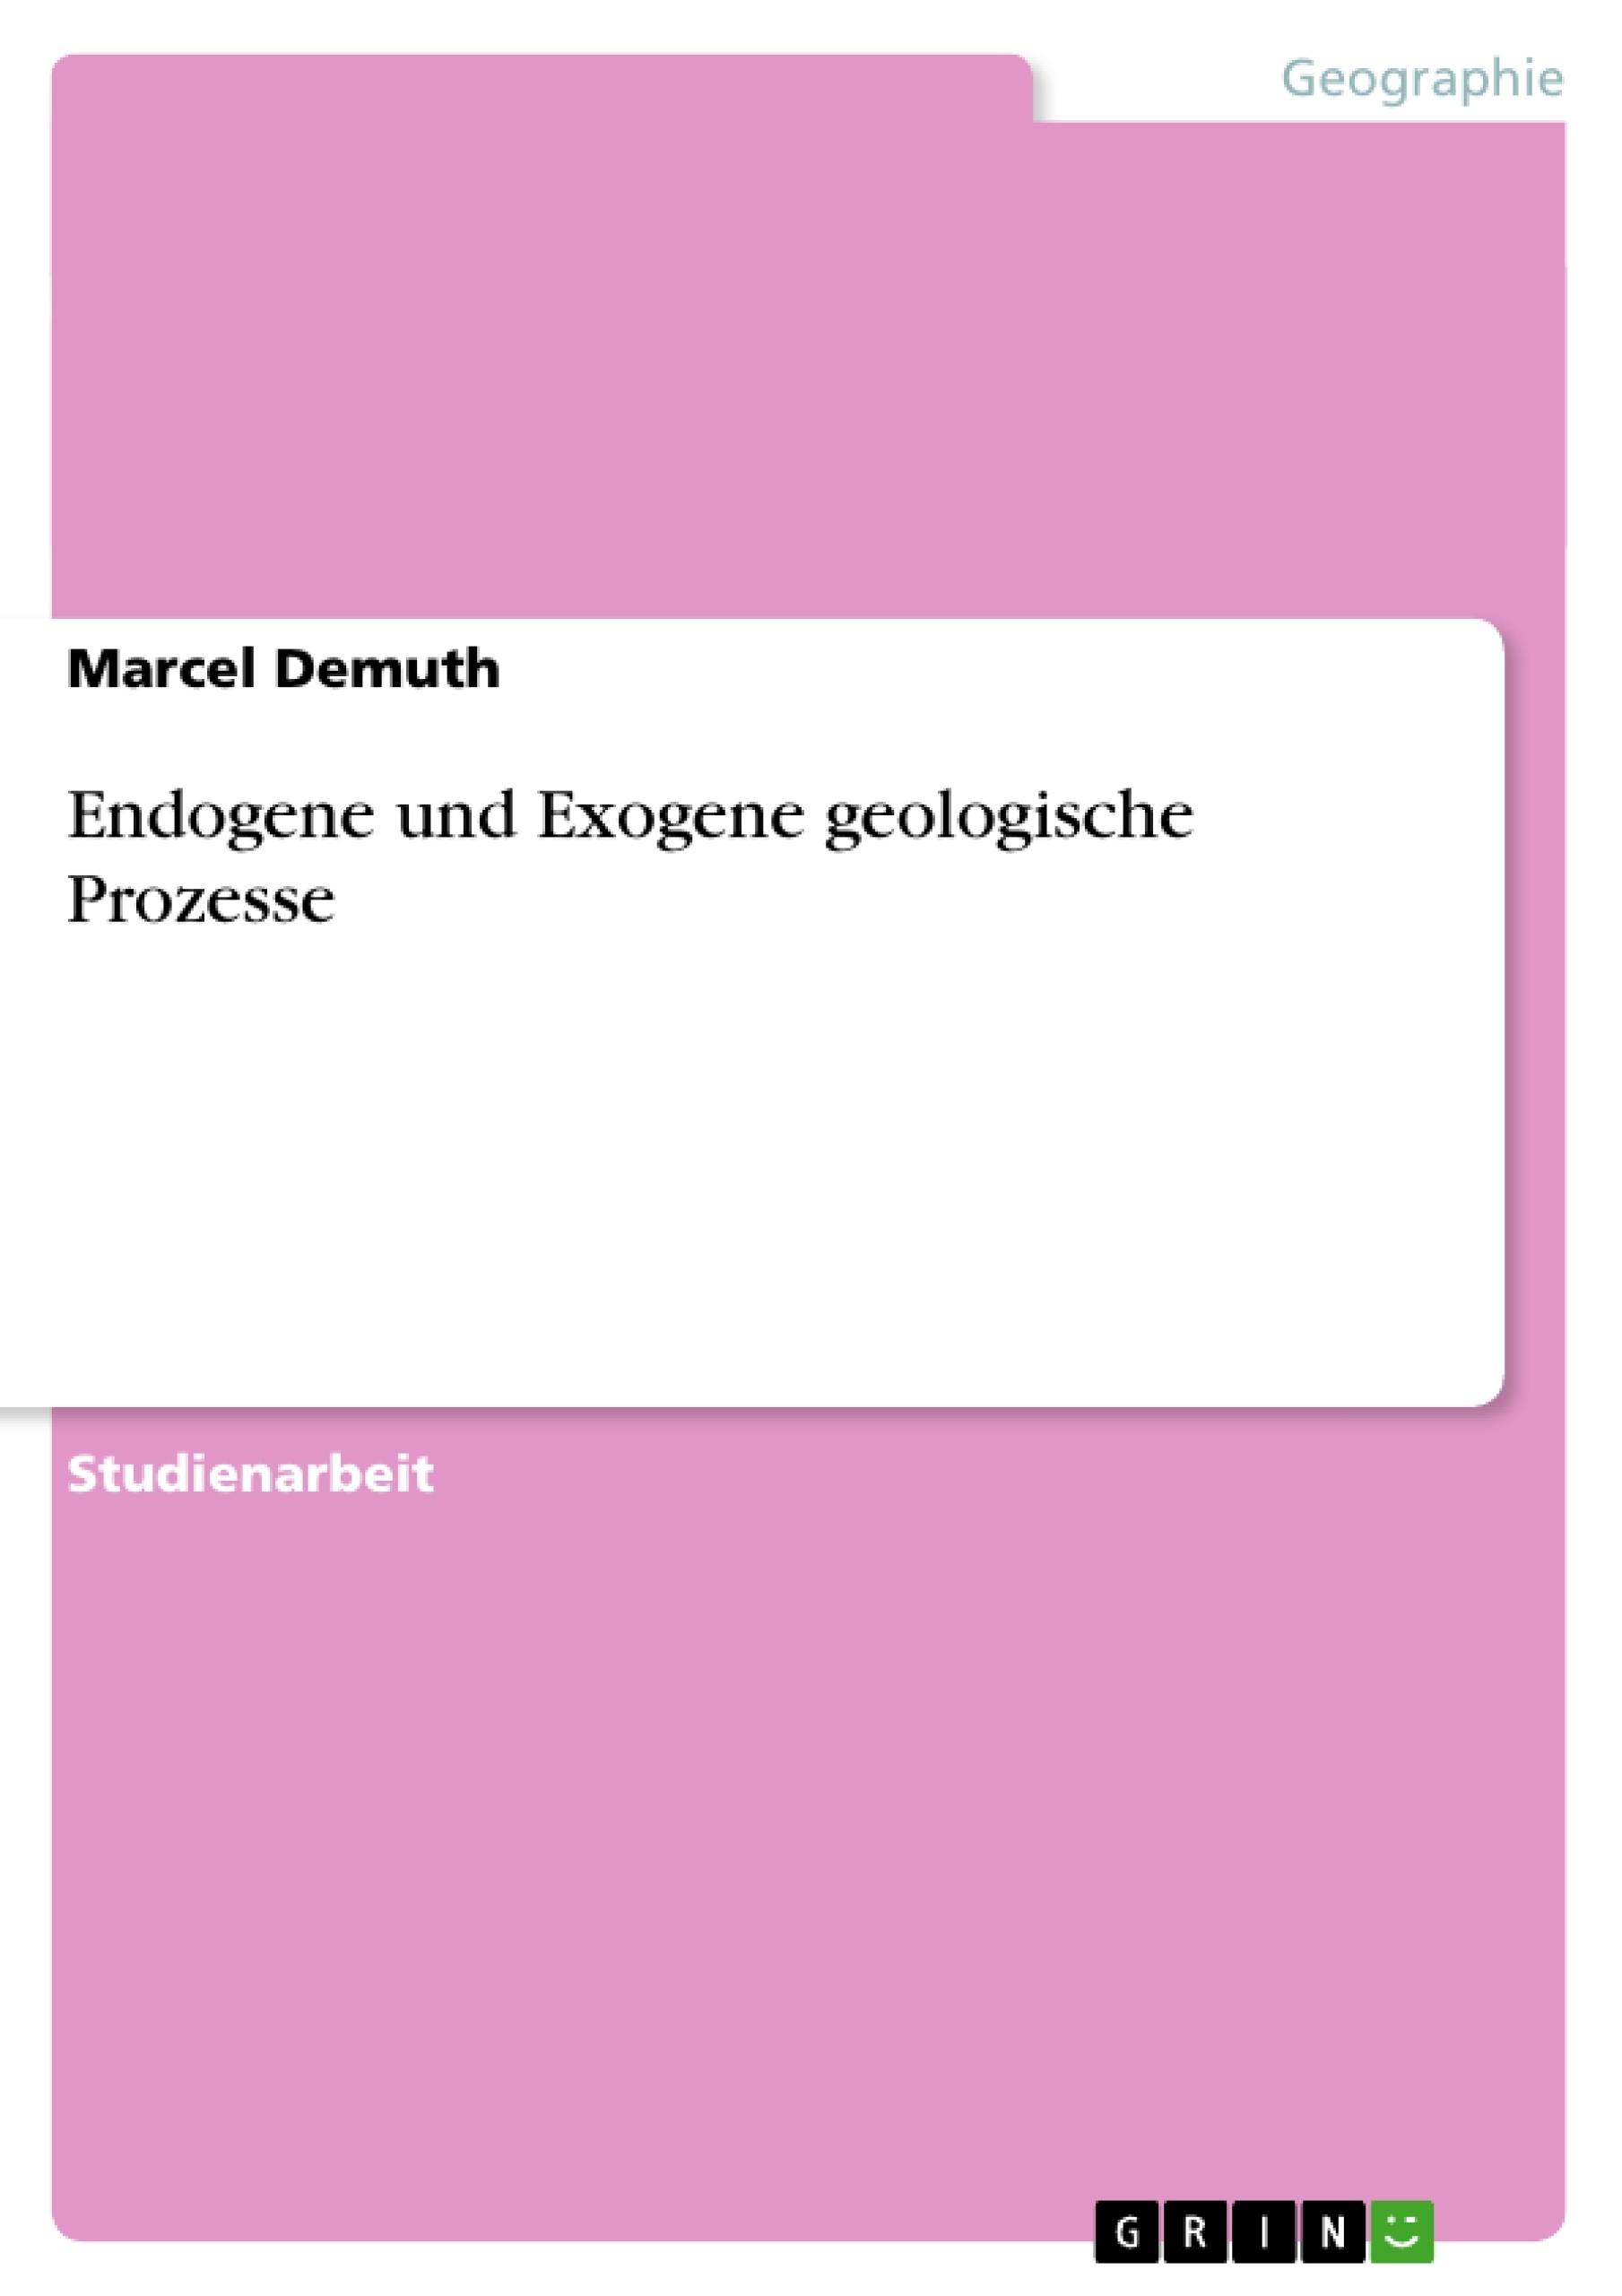 Titel: Endogene und Exogene geologische Prozesse